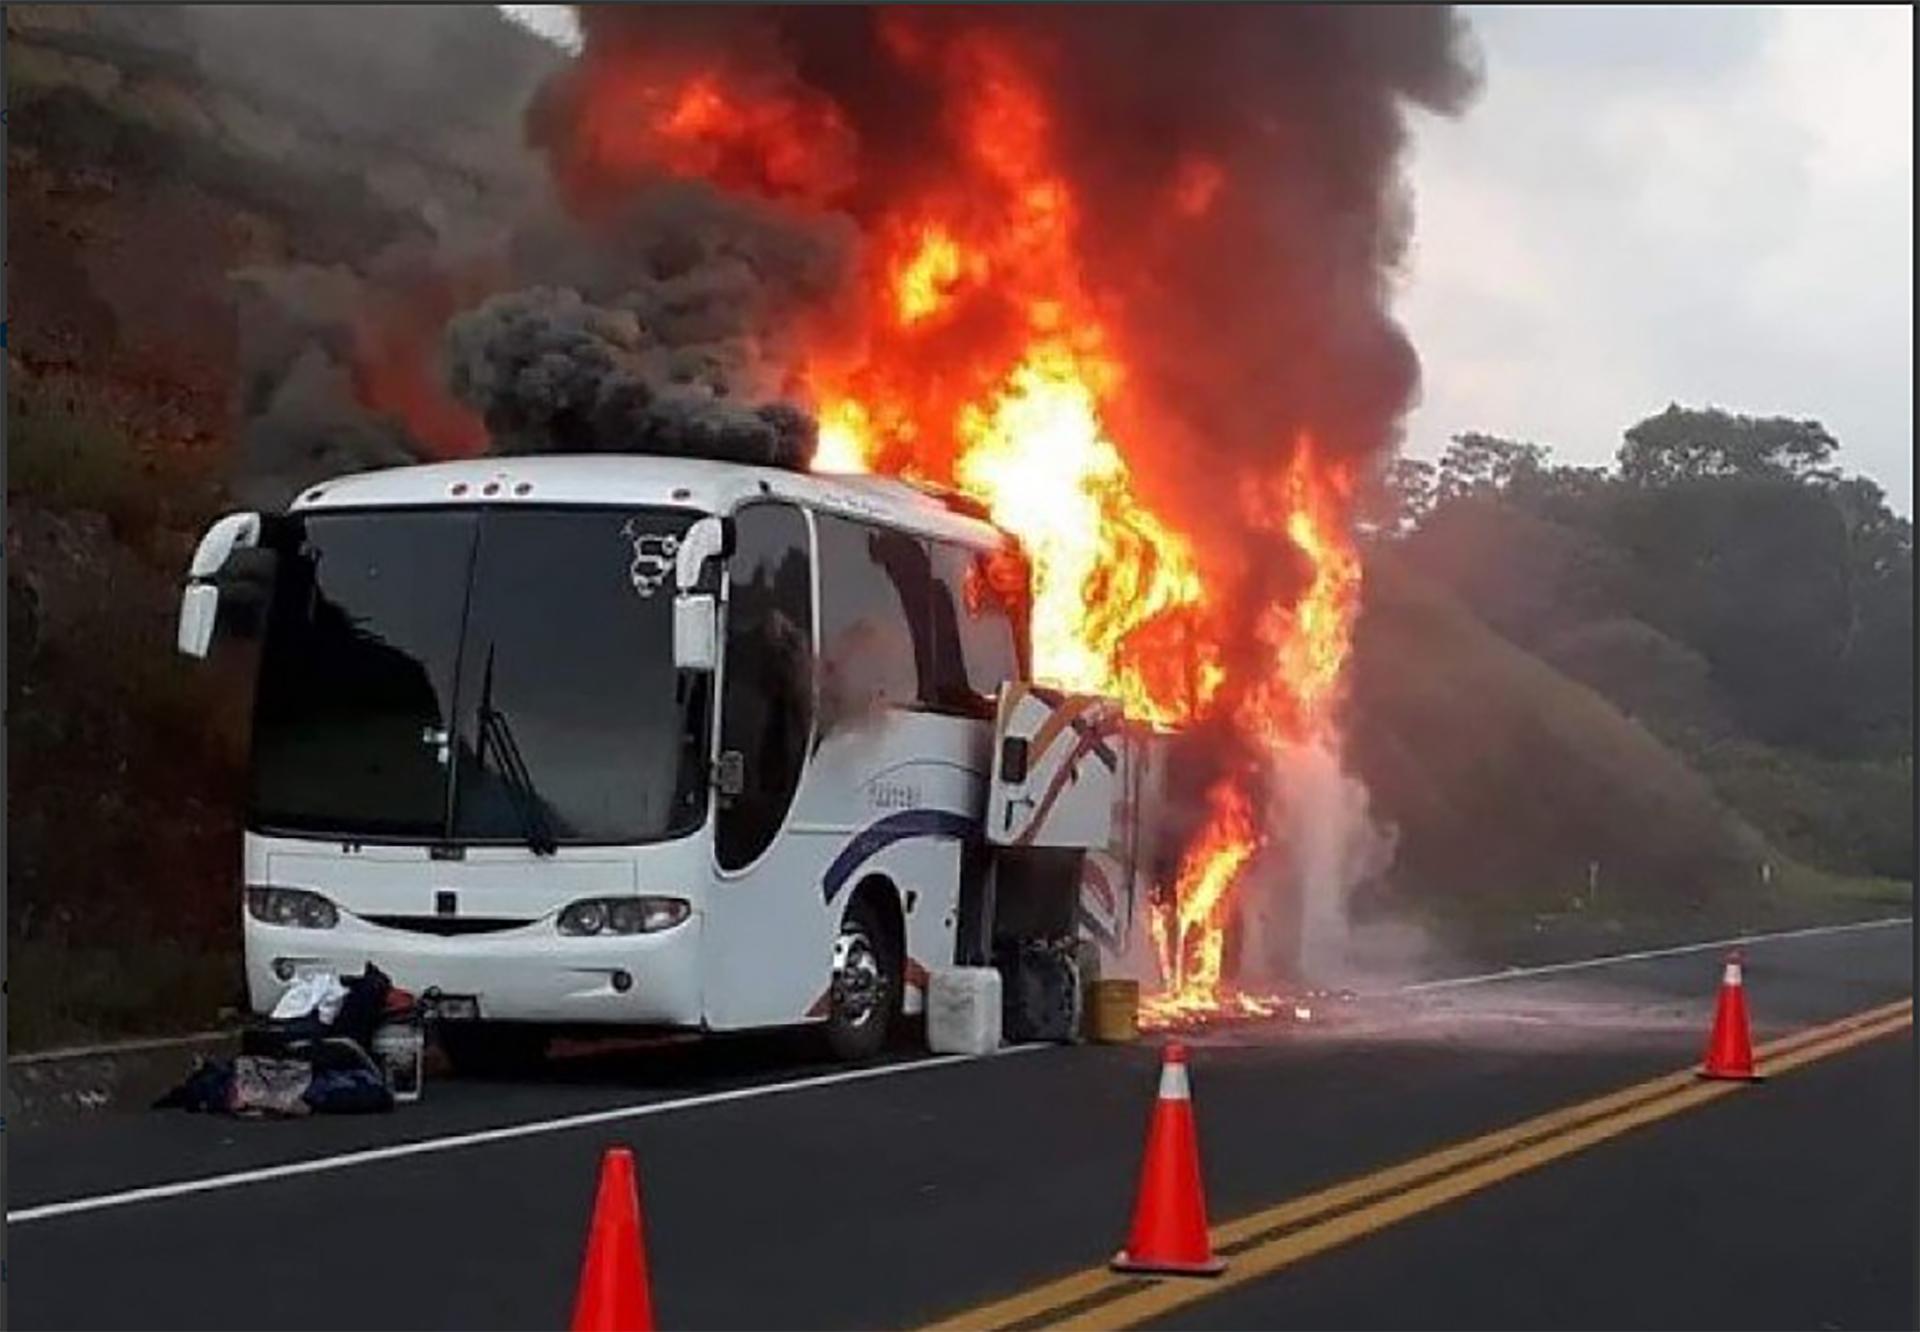 El vehículo había perdido un neumático momentos antes del incendio (Foto: Twitter> @JOSUEPELAYOMTZ)